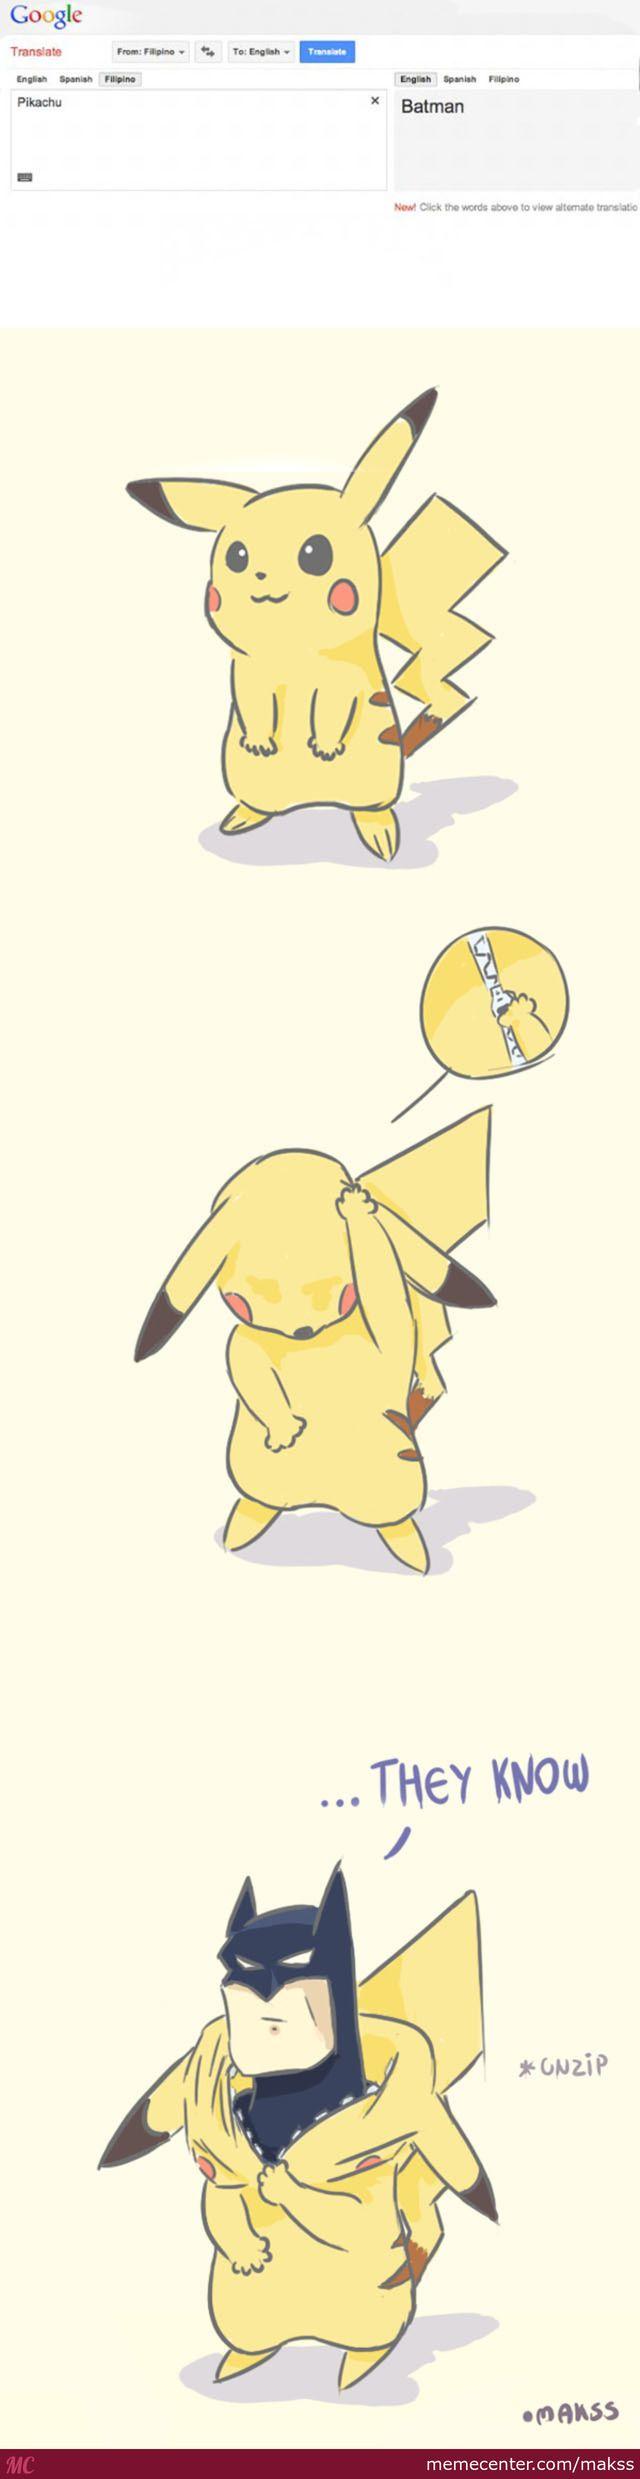 They Know Pokemon Funny Pokemon Memes Pokemon